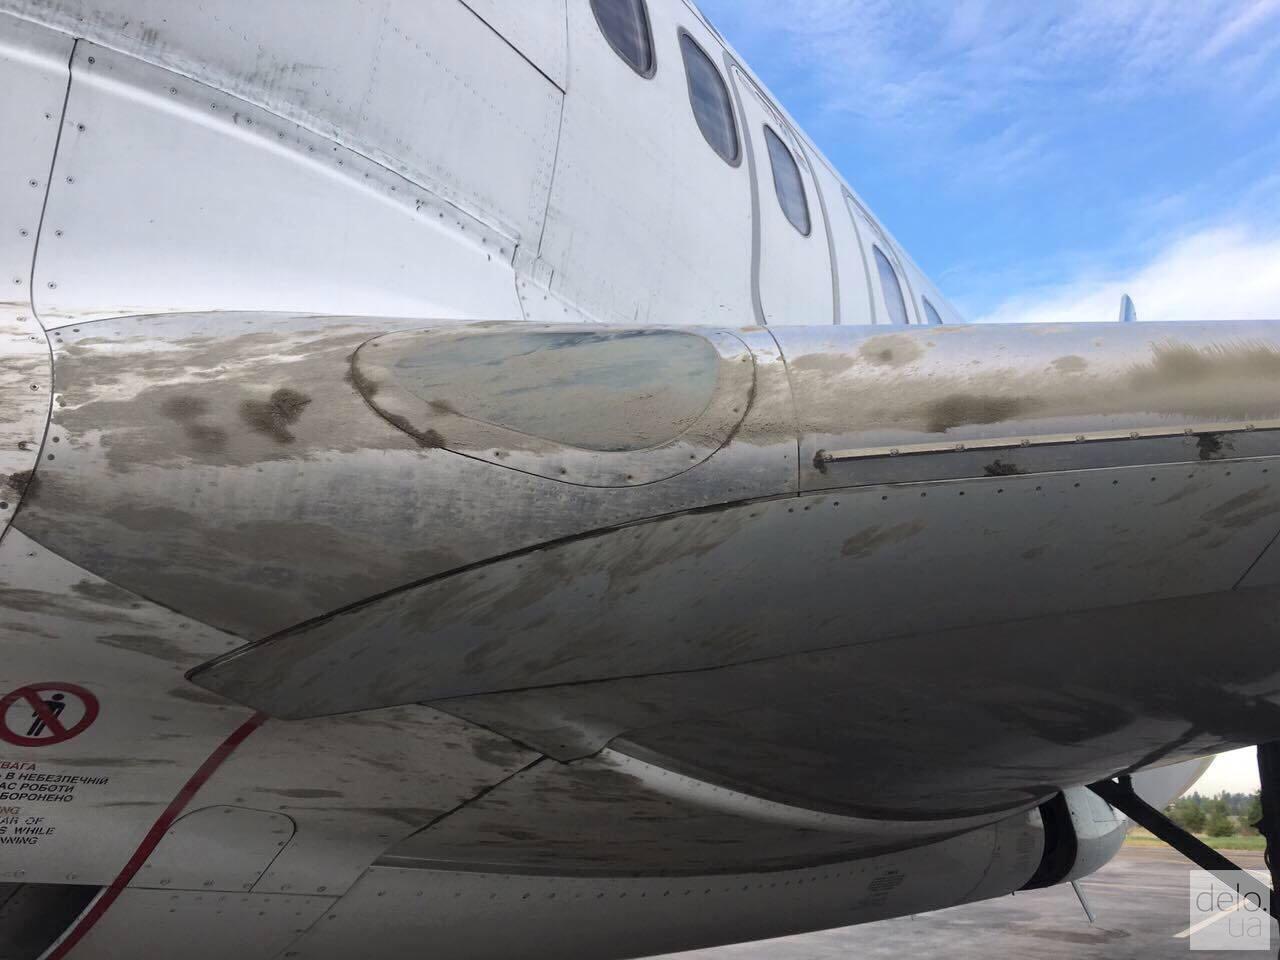 Фото повреждений самолета. Предоставлены МАУ